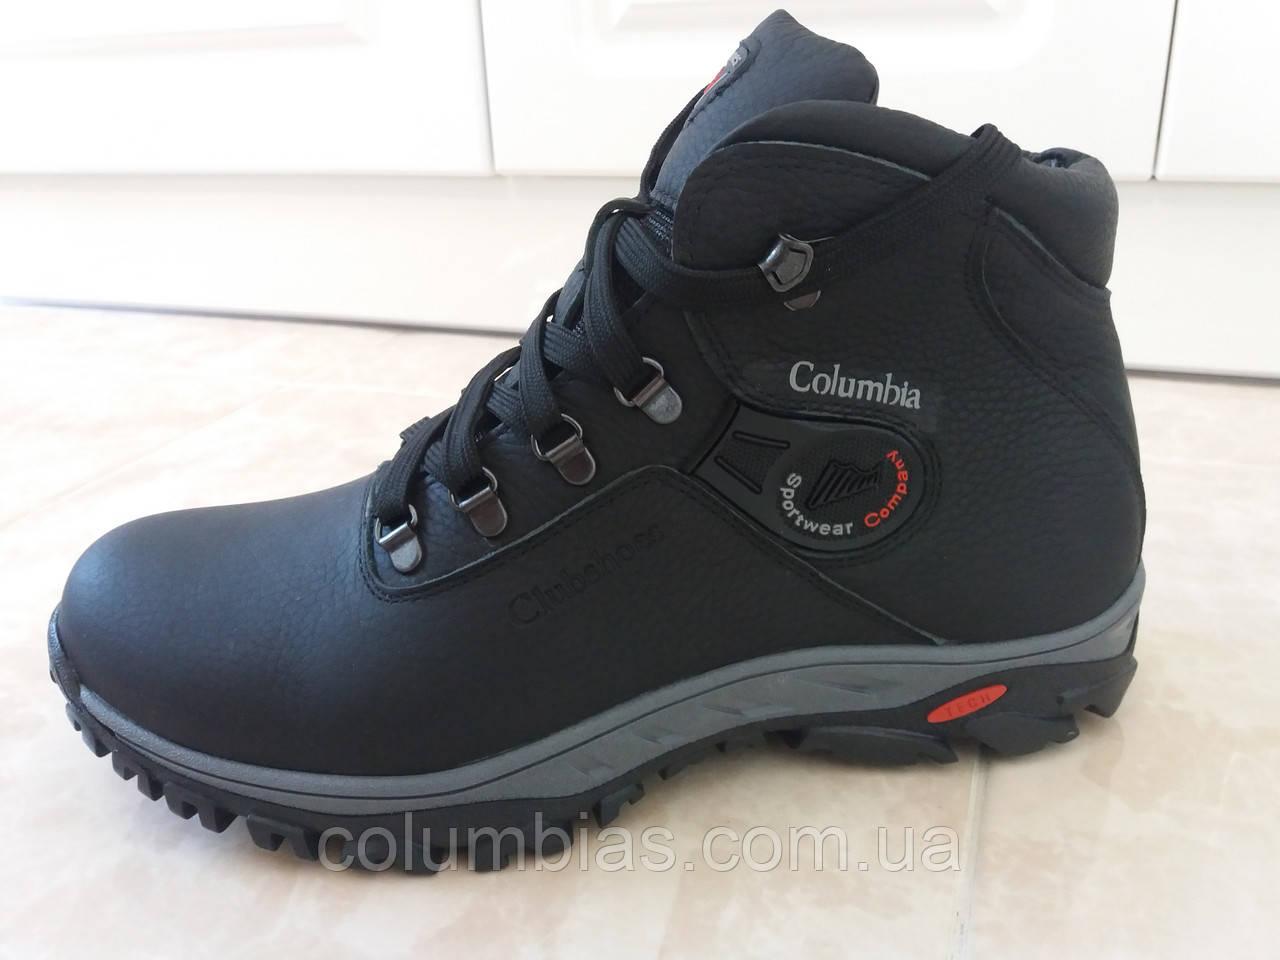 Акция.Мужские зимние ботинки Collumbia в наличии